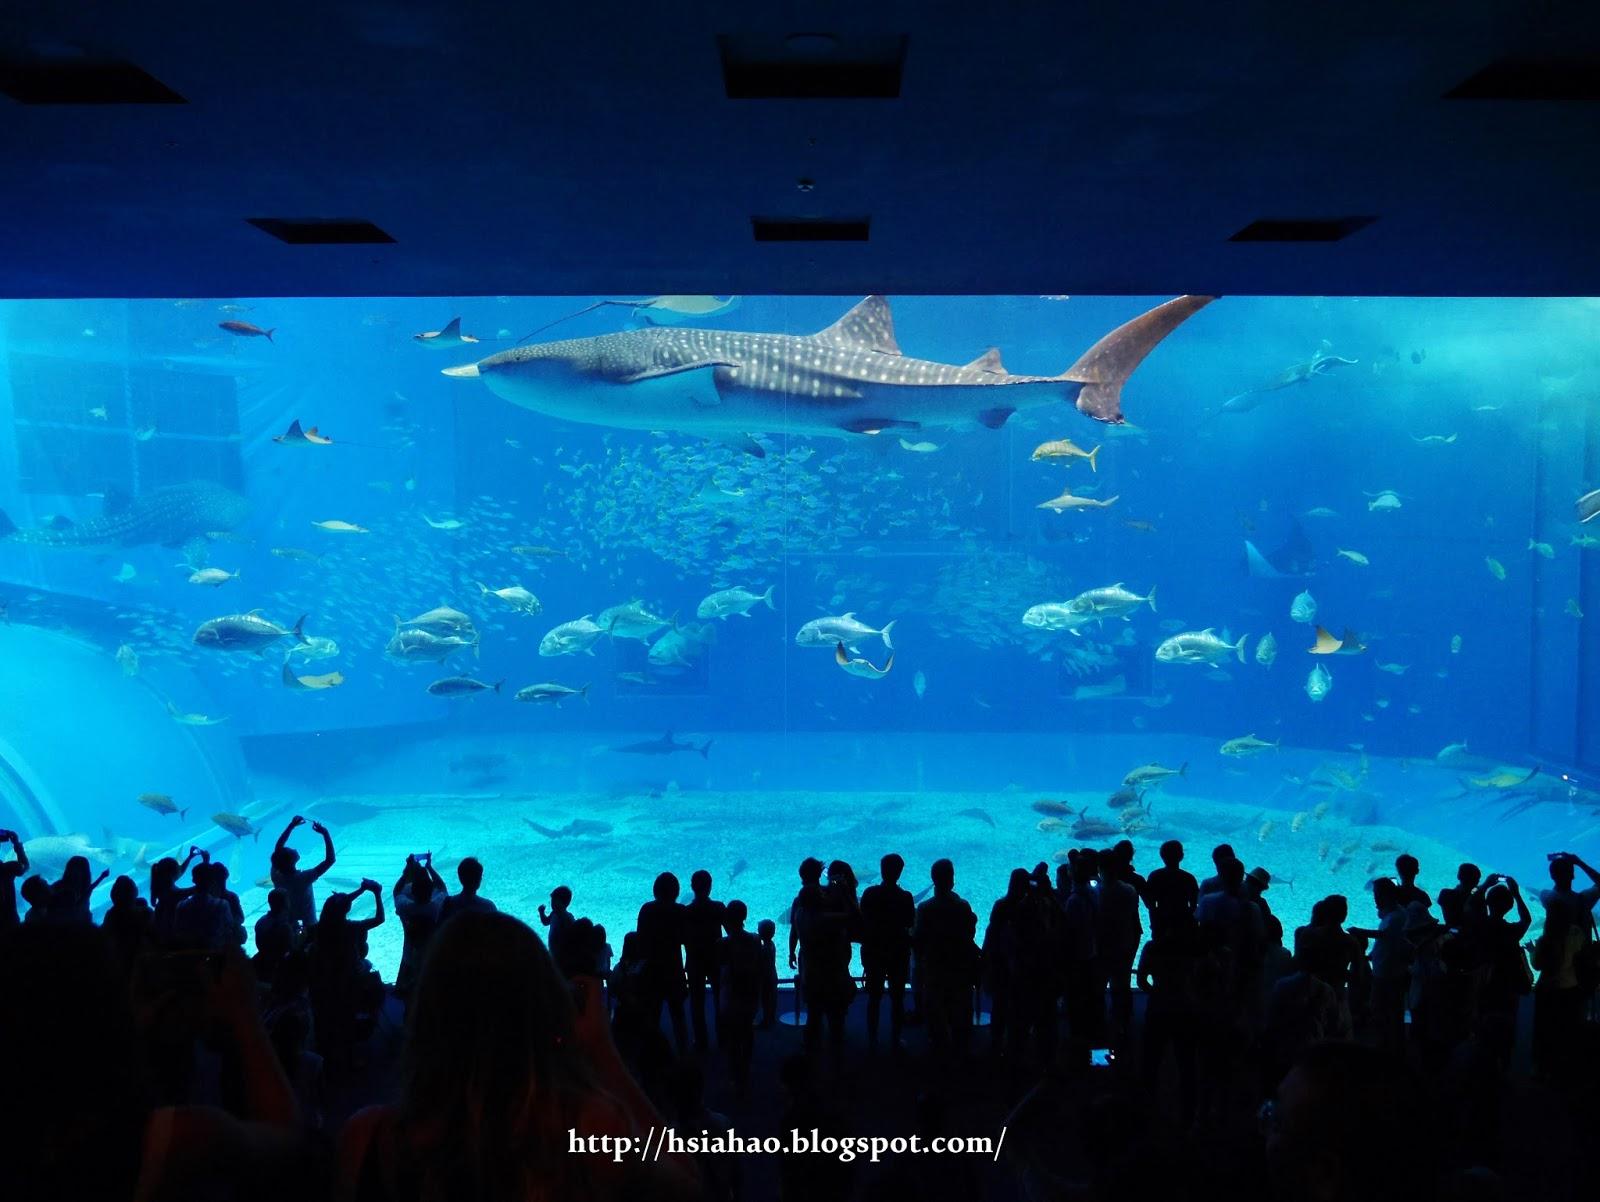 沖繩-美麗海水族館-自由行-旅遊-景點-Okinawa-hip-hop-bus